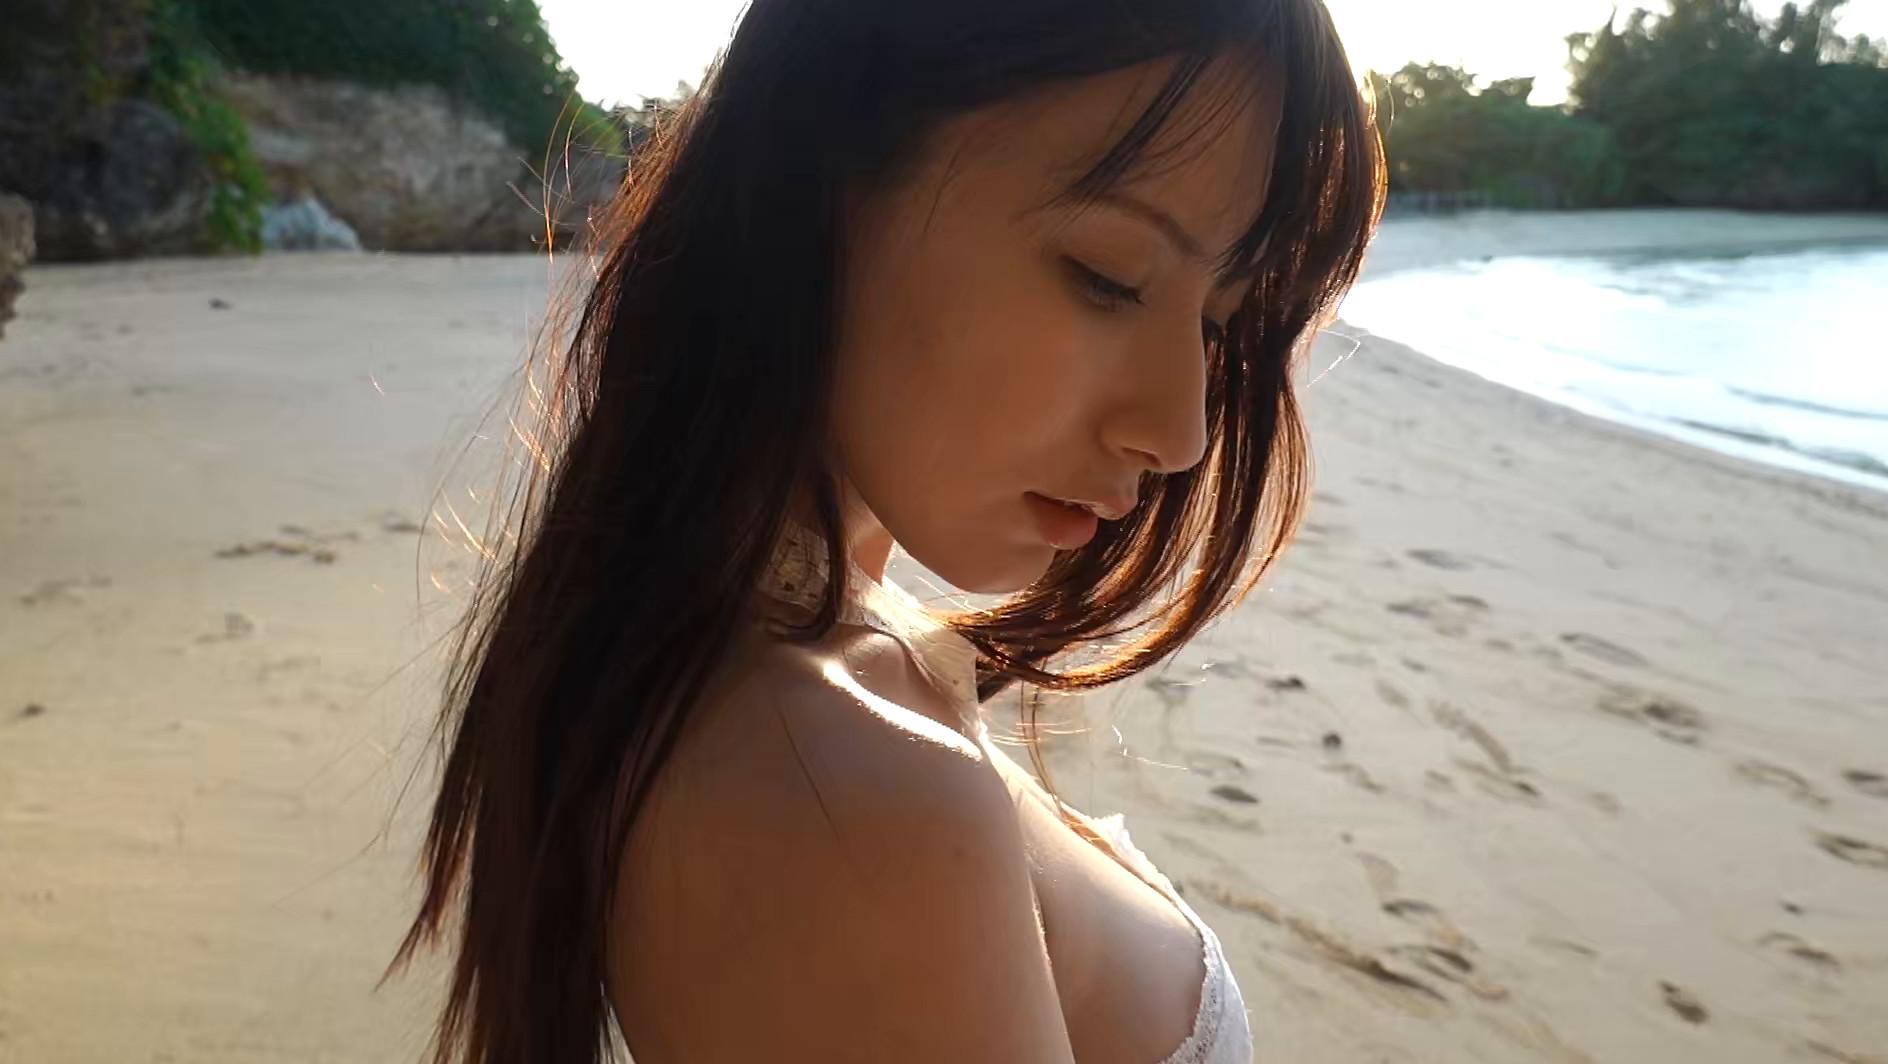 魅惑のサーシャ サーシャ菜美10